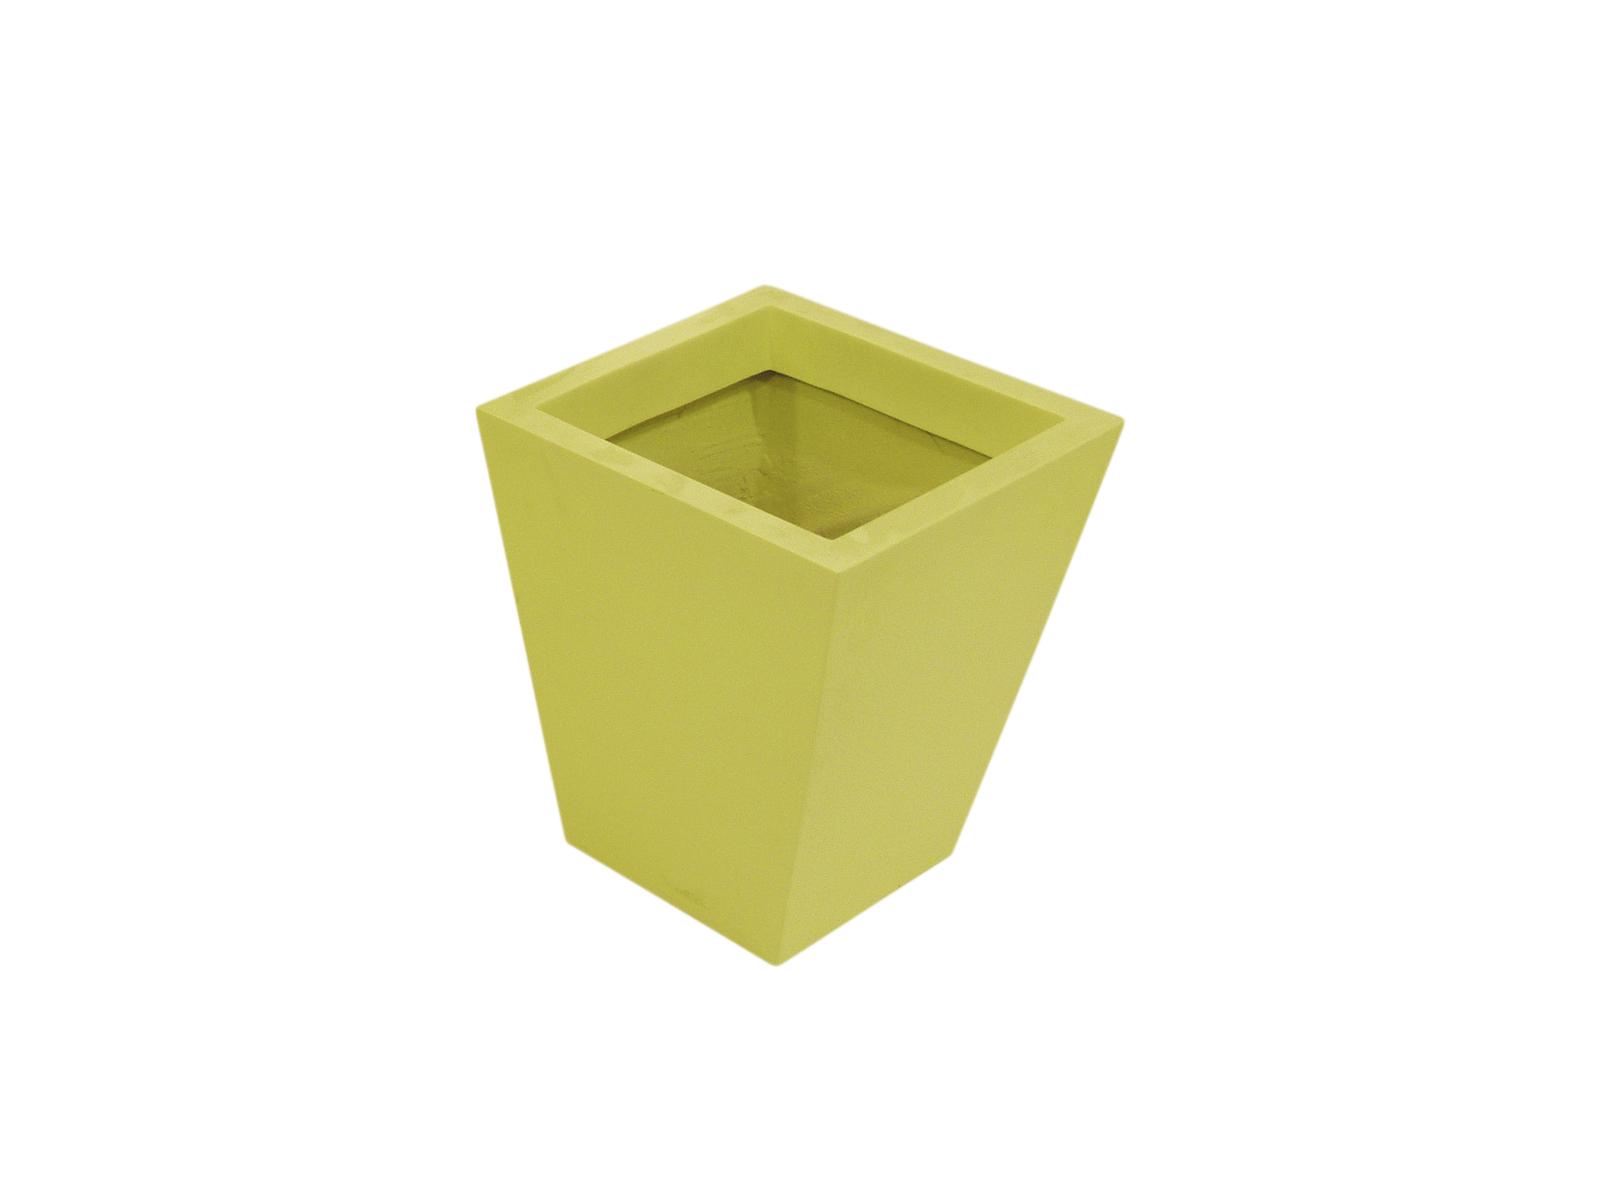 Květináč ze skleněných vláken, žlutý, čtvercový, 45 cm